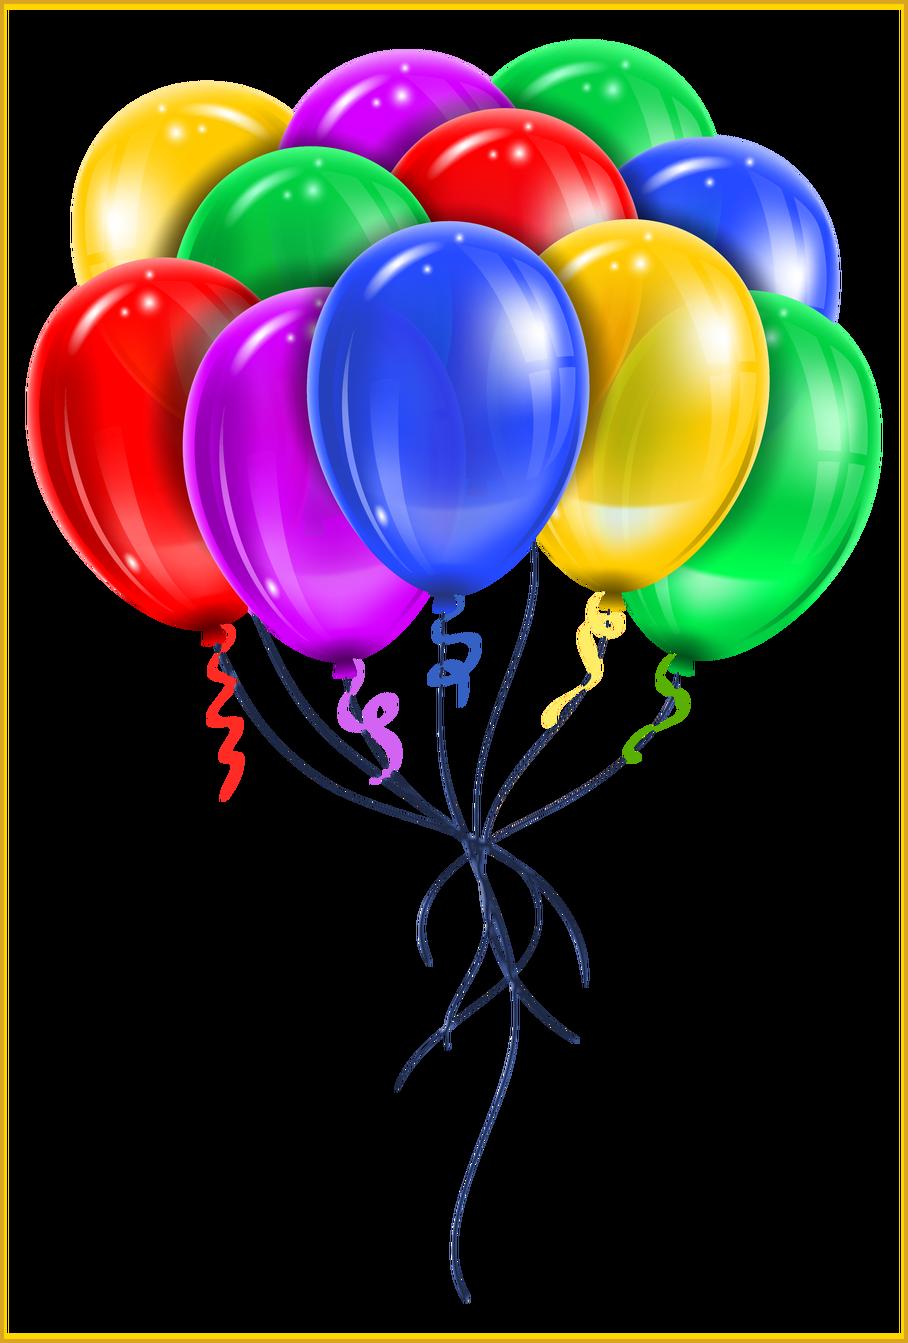 Clipart balloon bundle. The best transparent multi